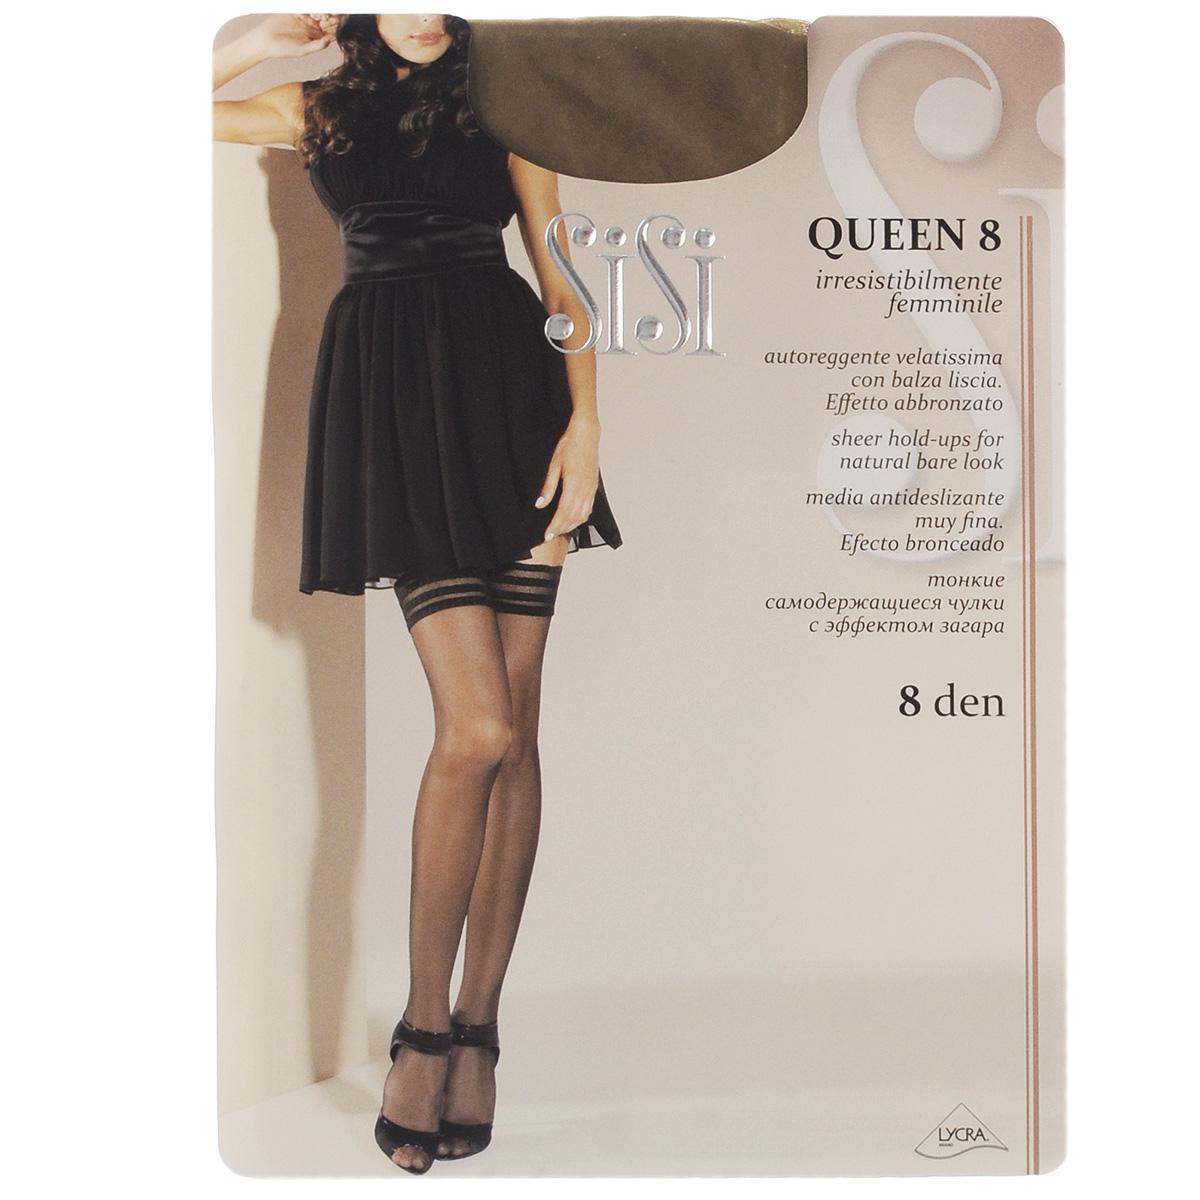 99SISIТончайшие чулки Sisi Queen с сетчатой каймой, оформленной узором в полоску, и невидимым мыском. Фиксирующая резинка - на силиконовой основе. Плотность: 8 den.